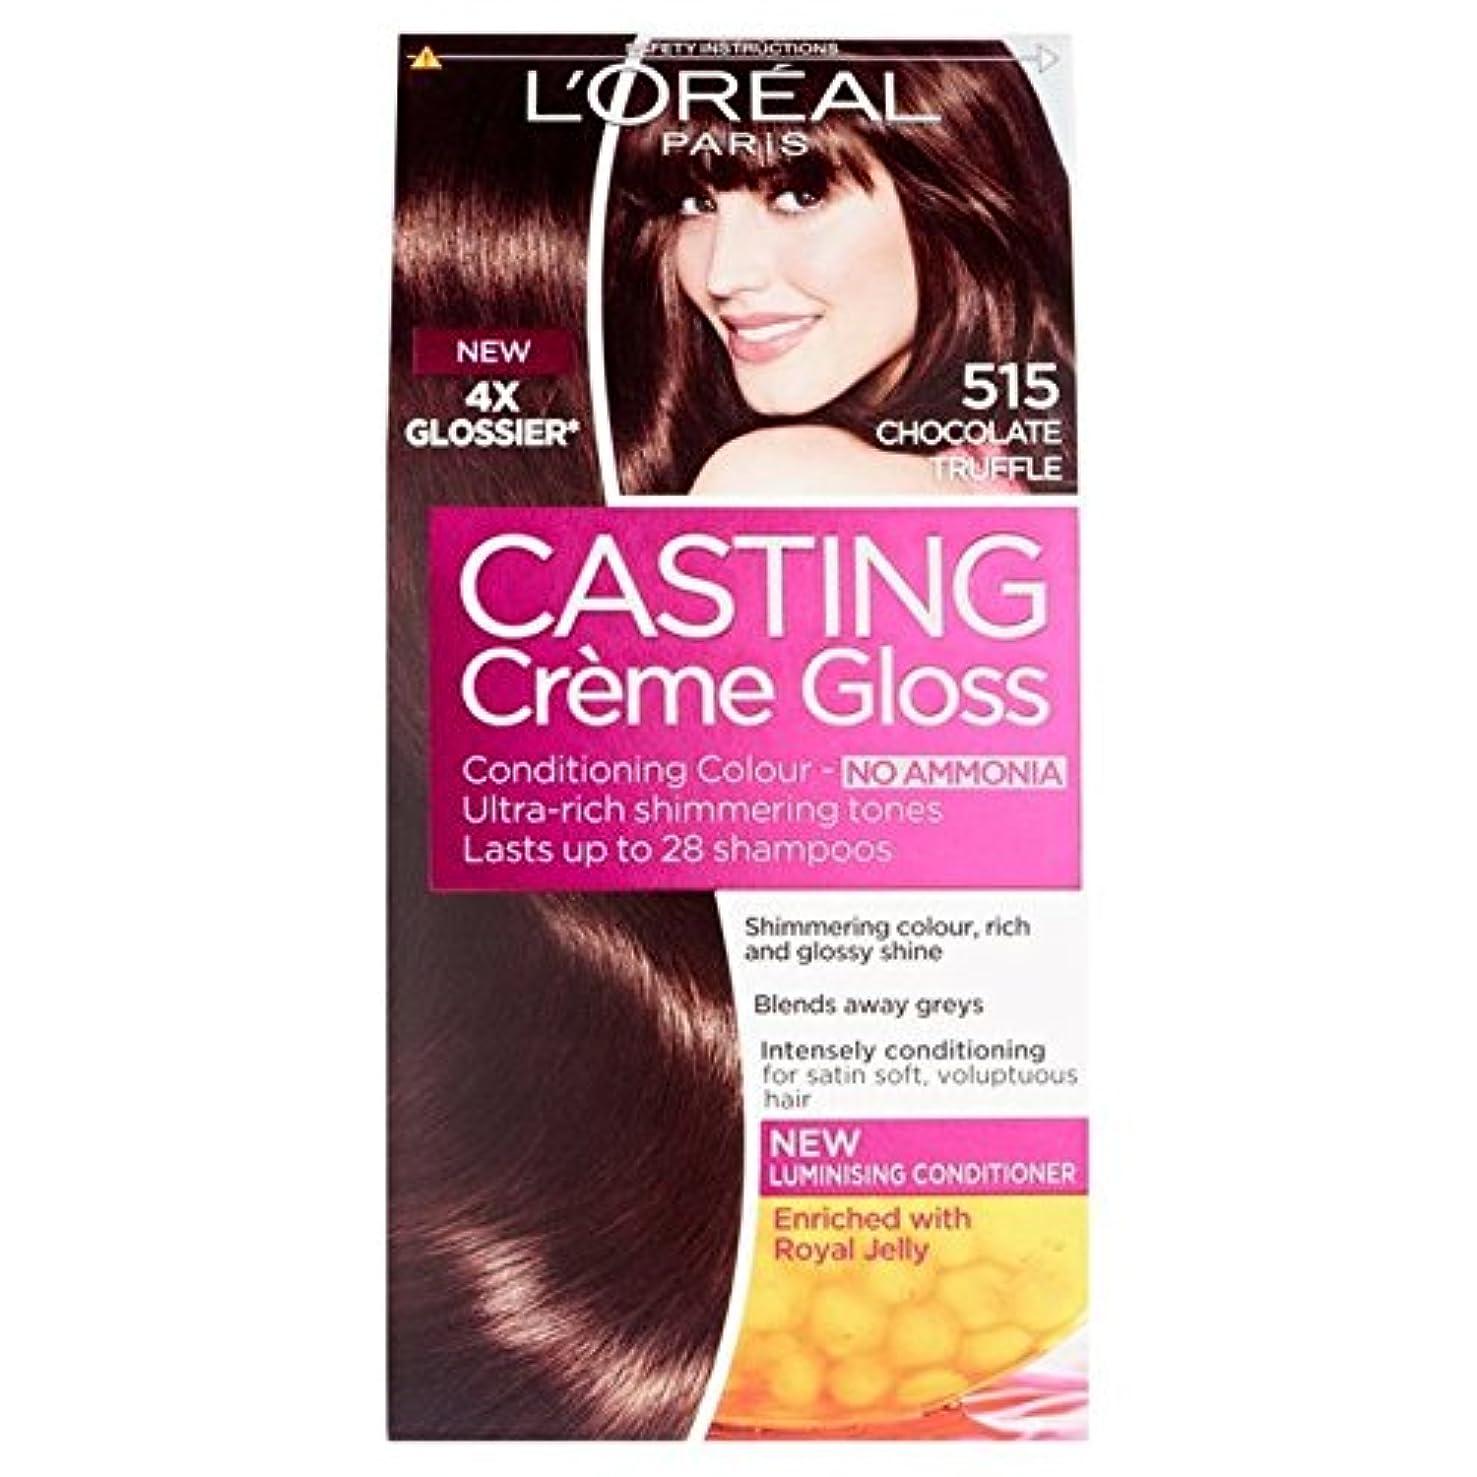 椅子浅い変なロレアルのキャスティングクリームグロスチョコトリュフ515 x4 - L'Oreal Casting Creme Gloss Choc Truffle 515 (Pack of 4) [並行輸入品]